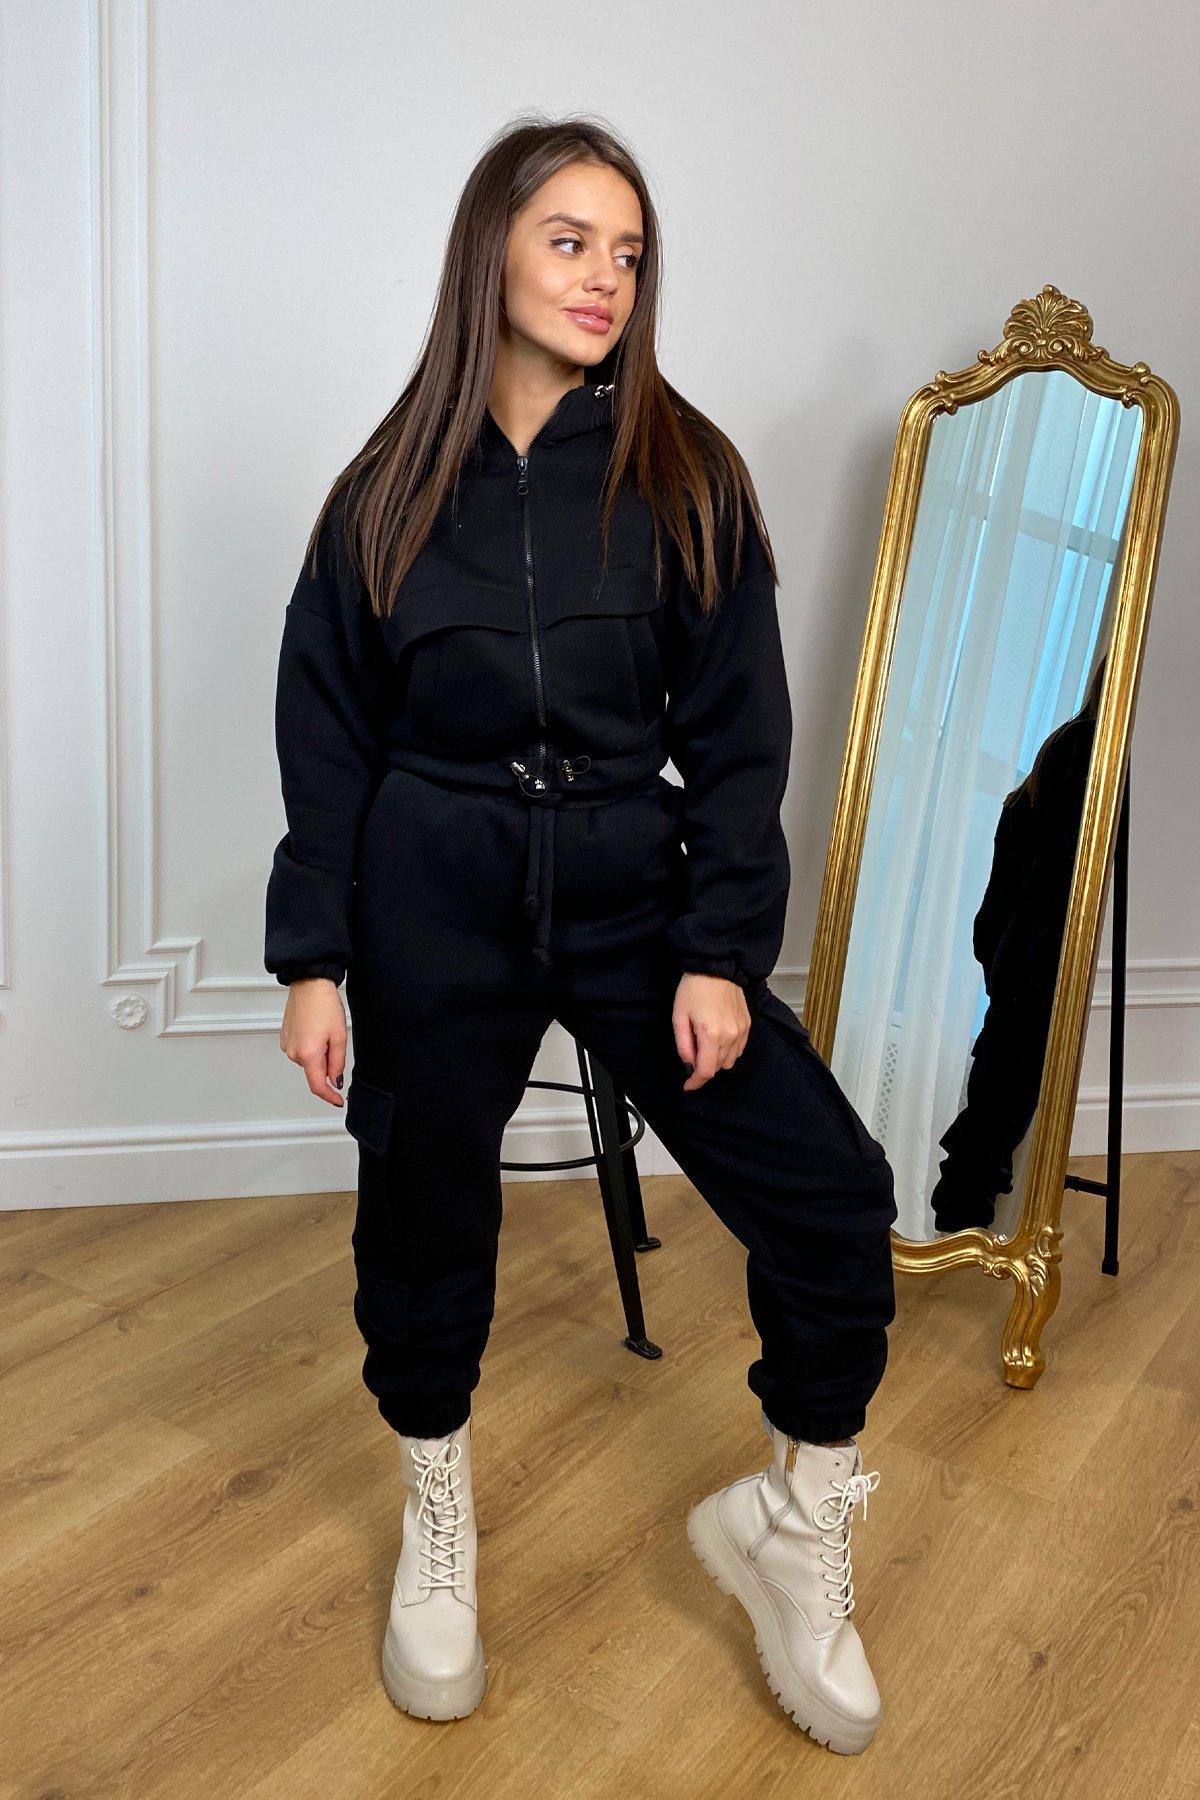 Кьюи  прогулочный костю 3х нитка с начесом 9933 АРТ. 46261 Цвет: Черный - фото 1, интернет магазин tm-modus.ru